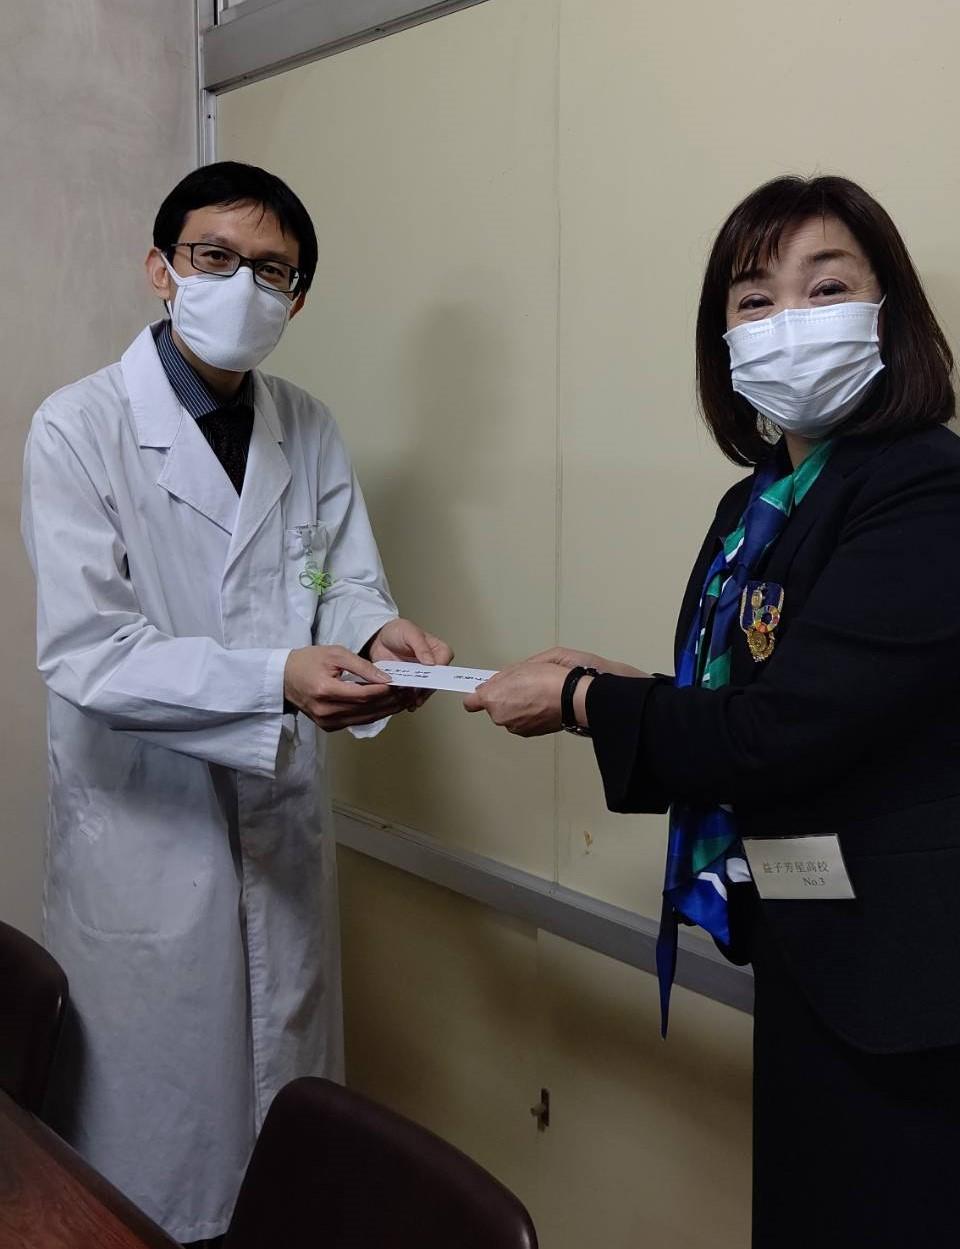 (公財)ソロプチミスト日本財団年次贈呈式の中止